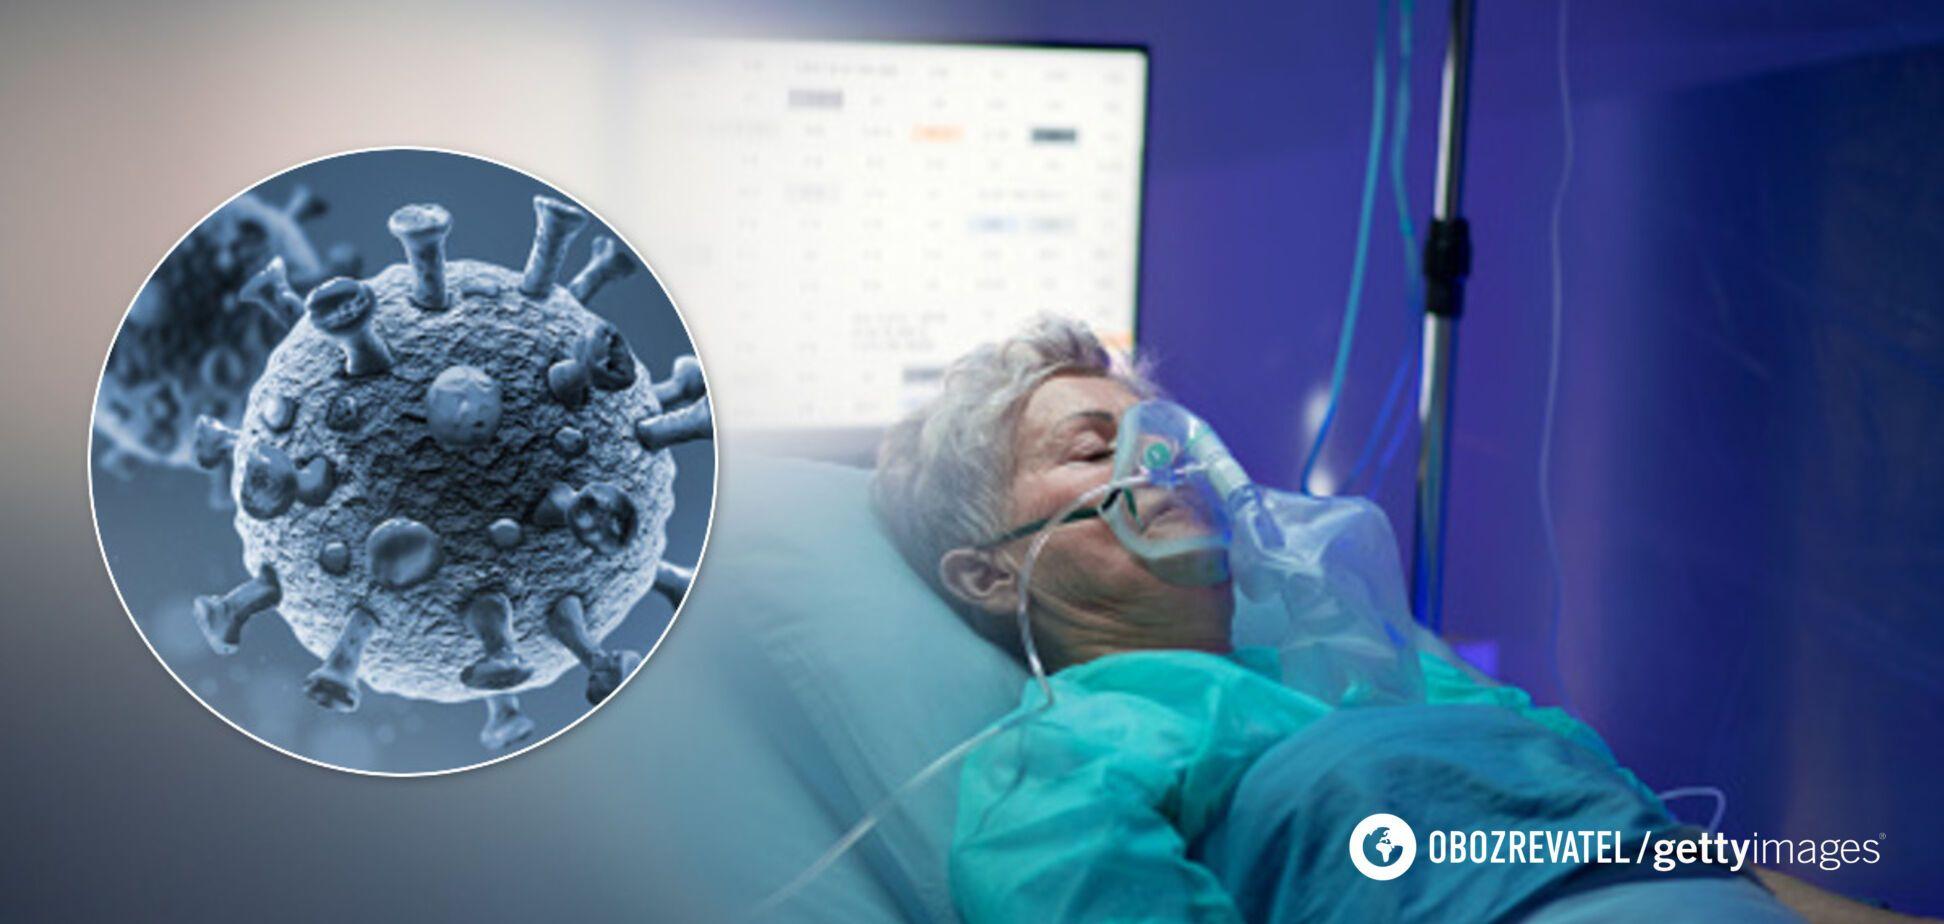 Коронавирус поражает почки: ученые предупредили о пагубных последствиях COVID-19